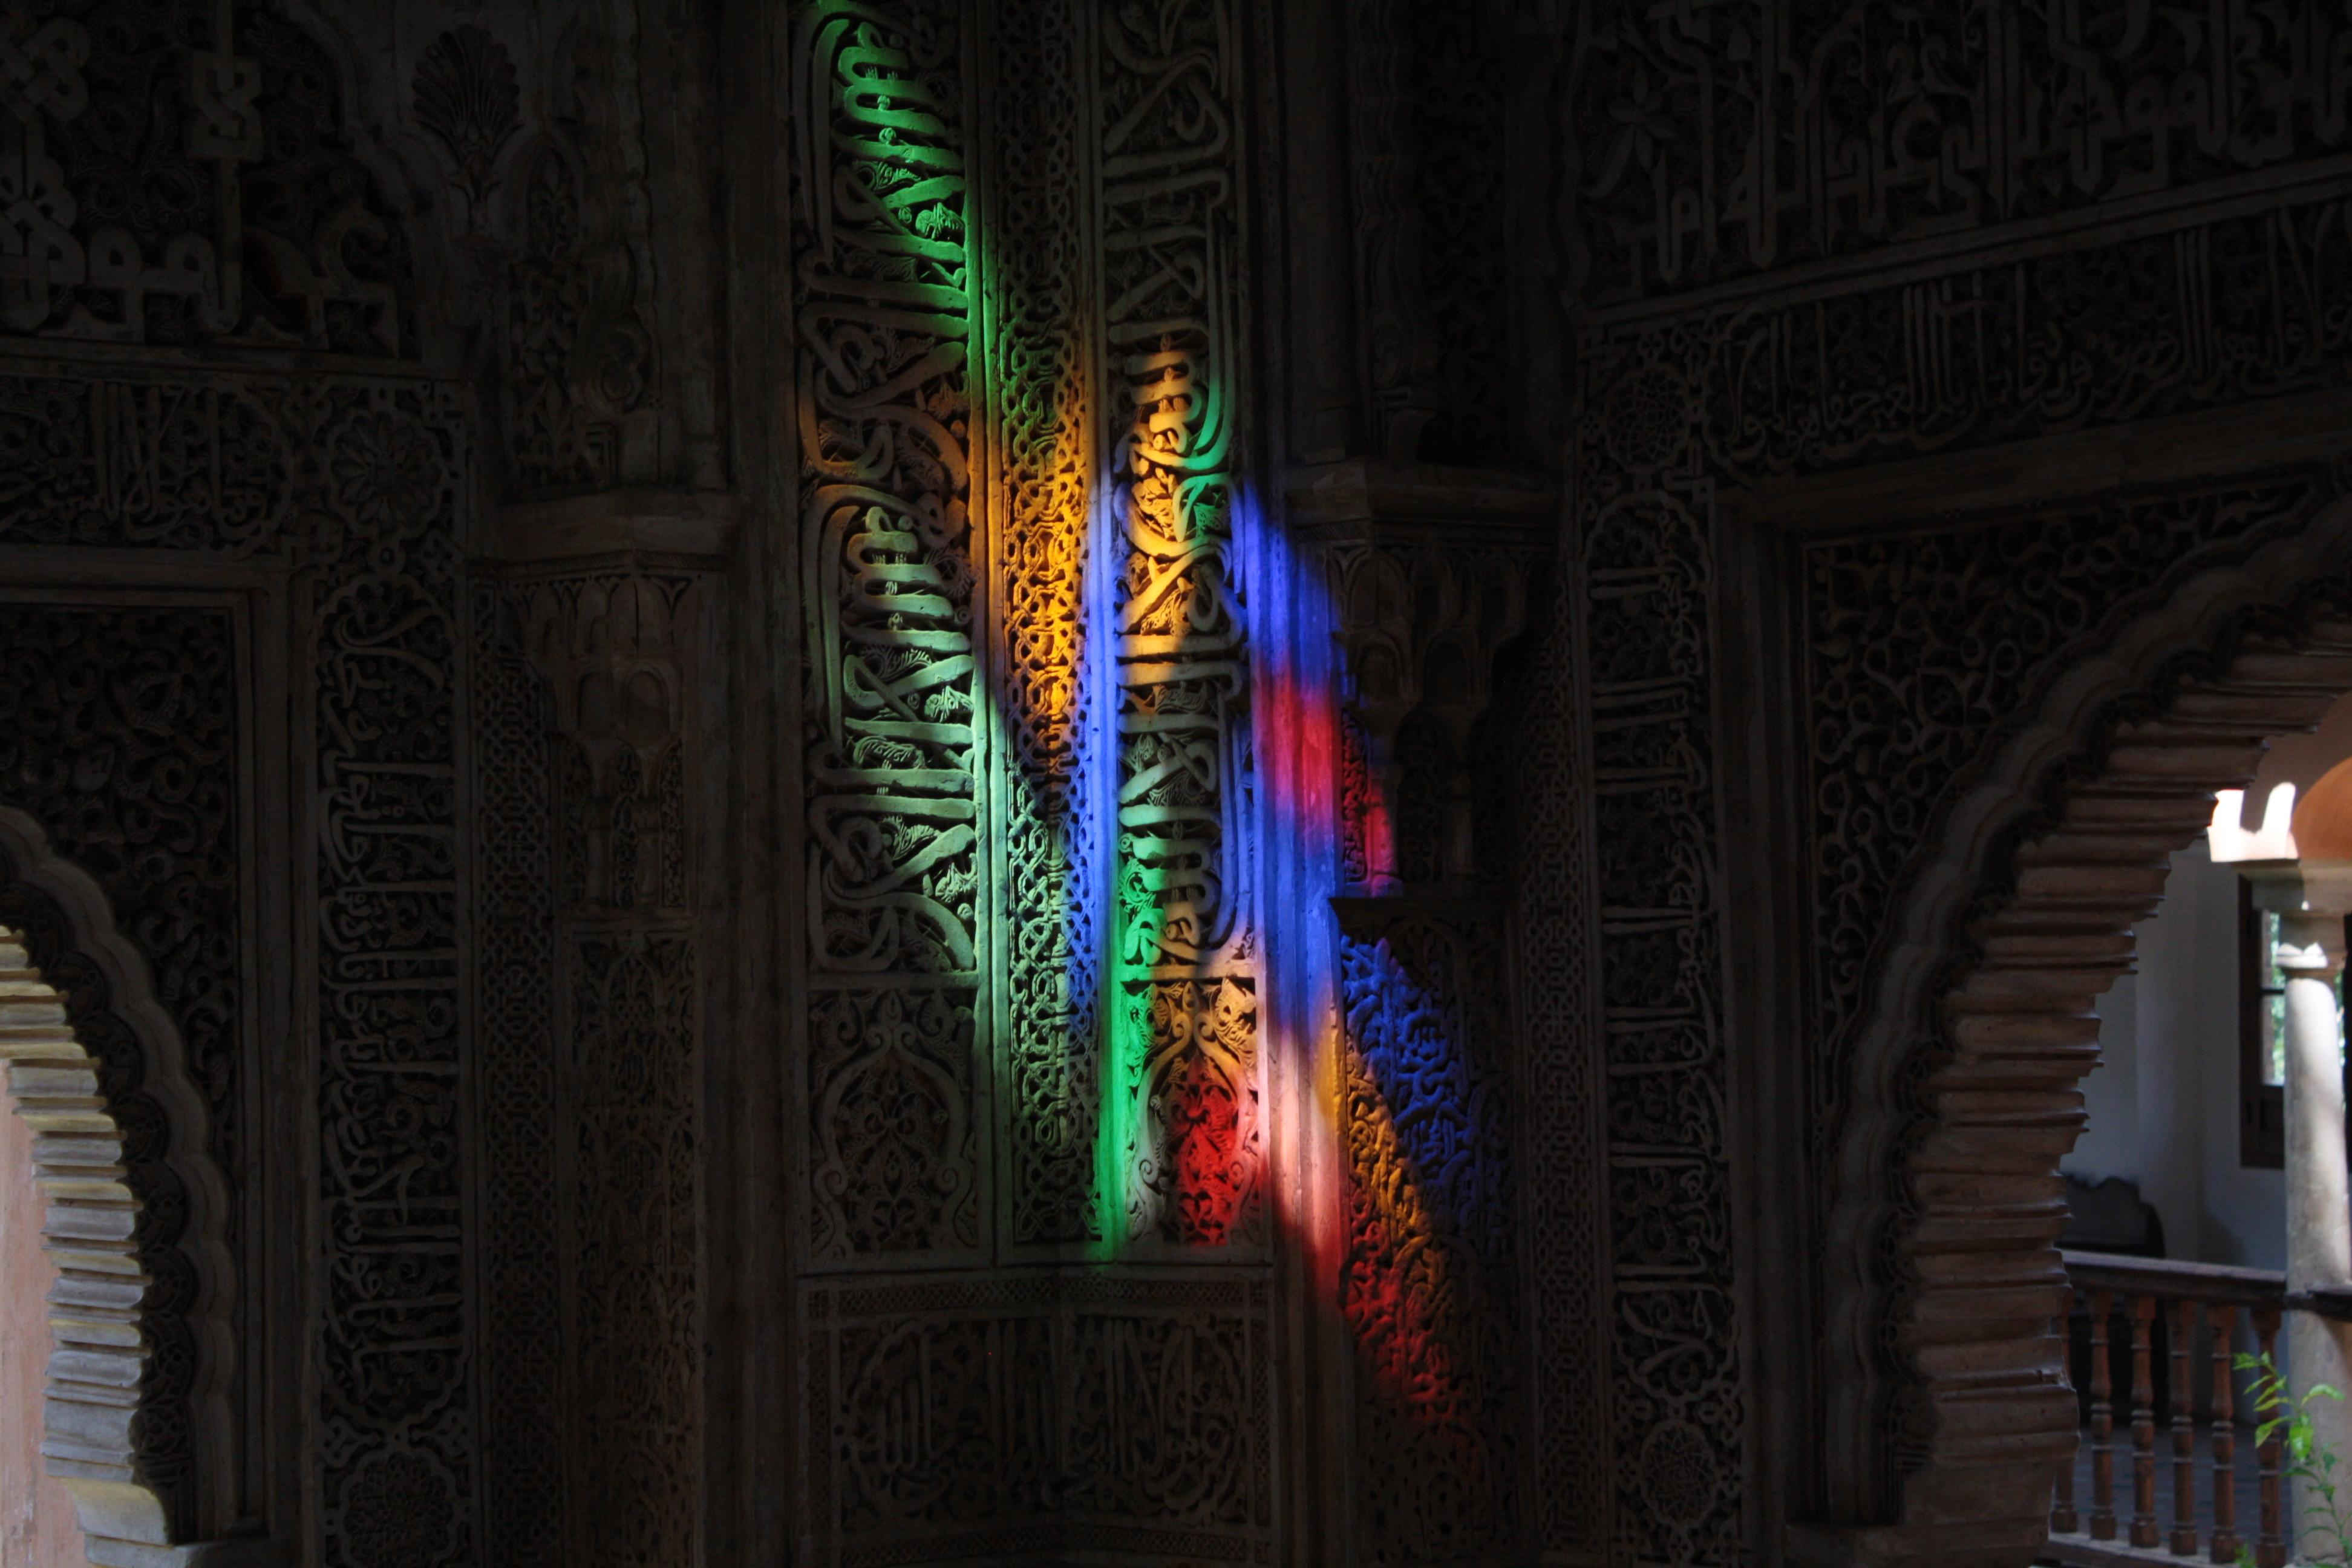 Colores en la Alhambra.jpg